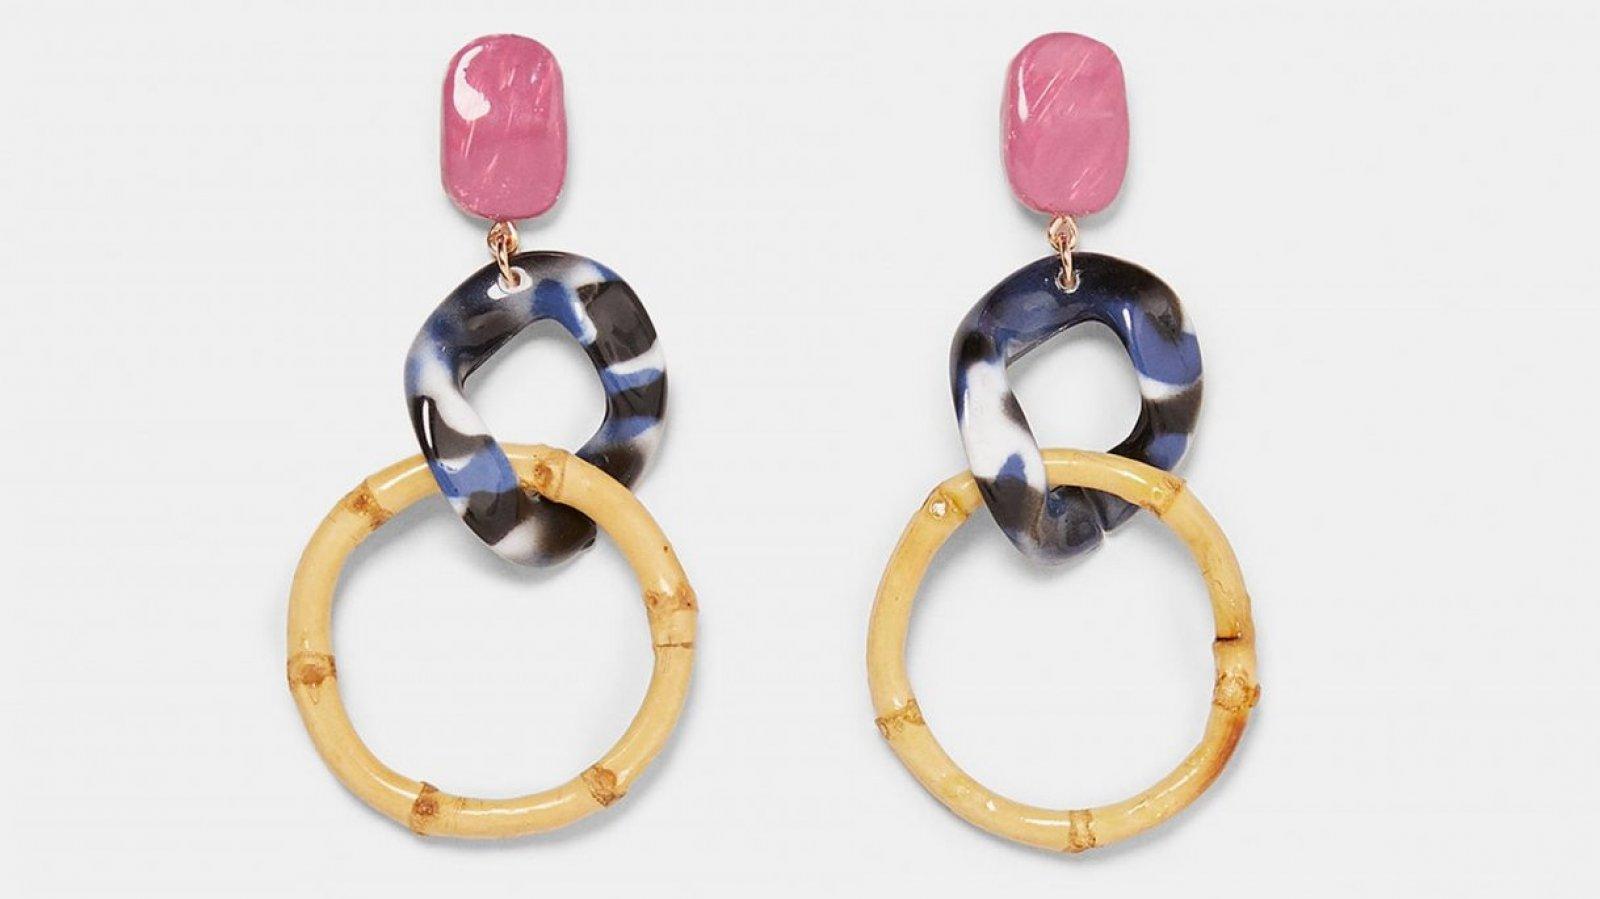 Pendientes colgantes resina de Zara, por 9,95 euros